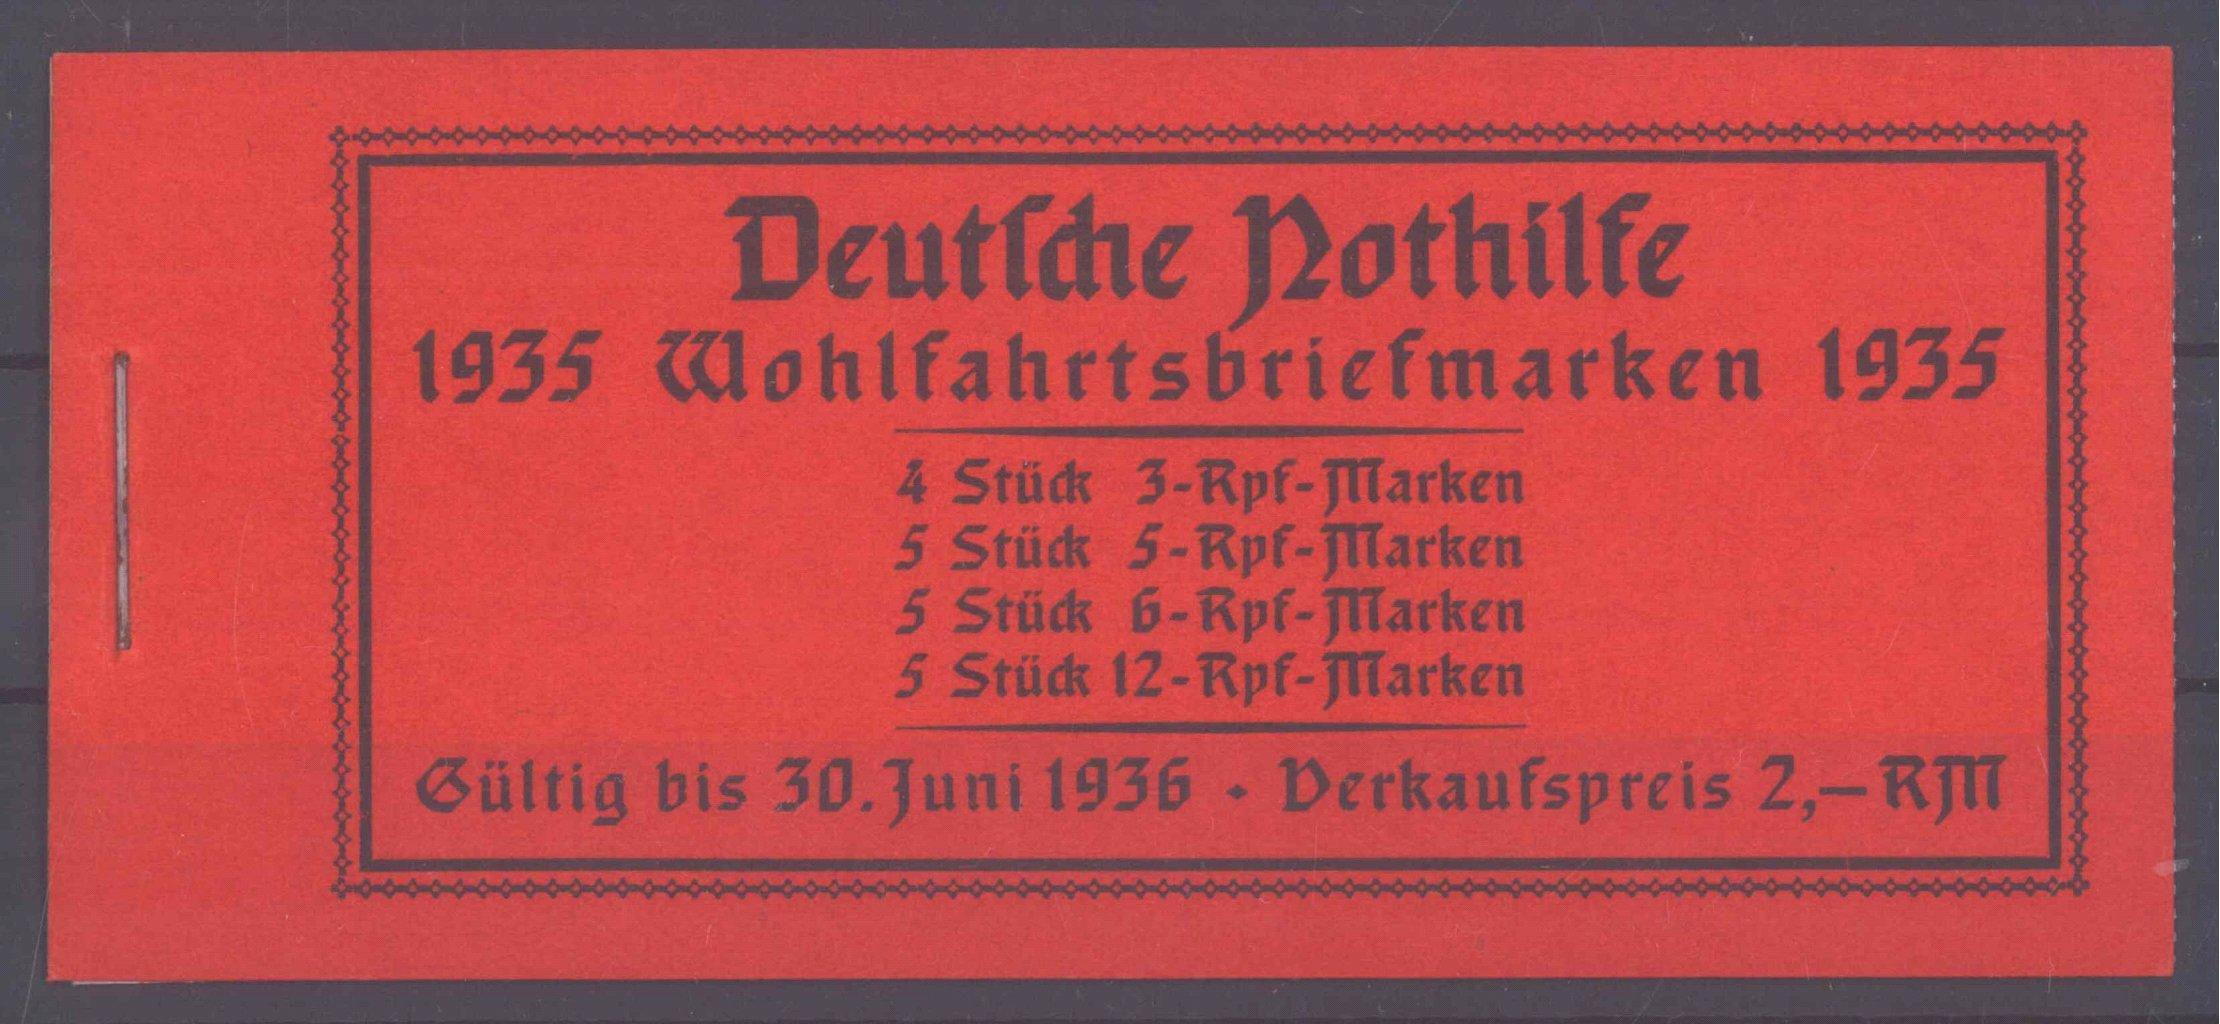 III. REICH, MARKENHEFTCHEN NOTHILFE 1935 (Volkstrachten)